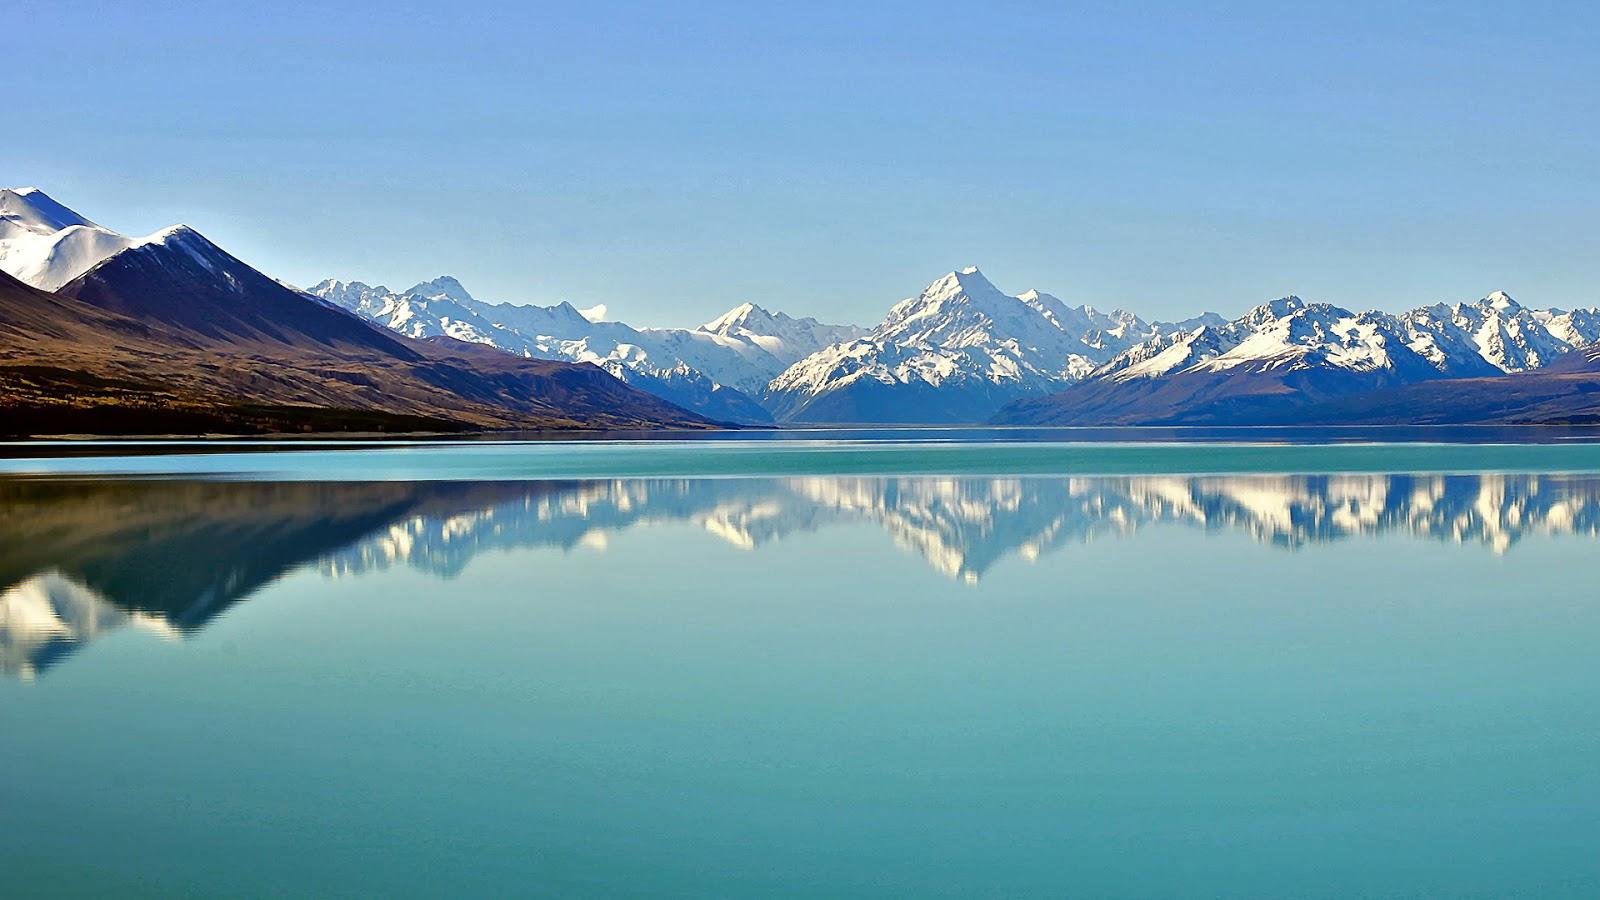 Kelime muhteşem göl manzarası resmi muhteşem göl manzarası